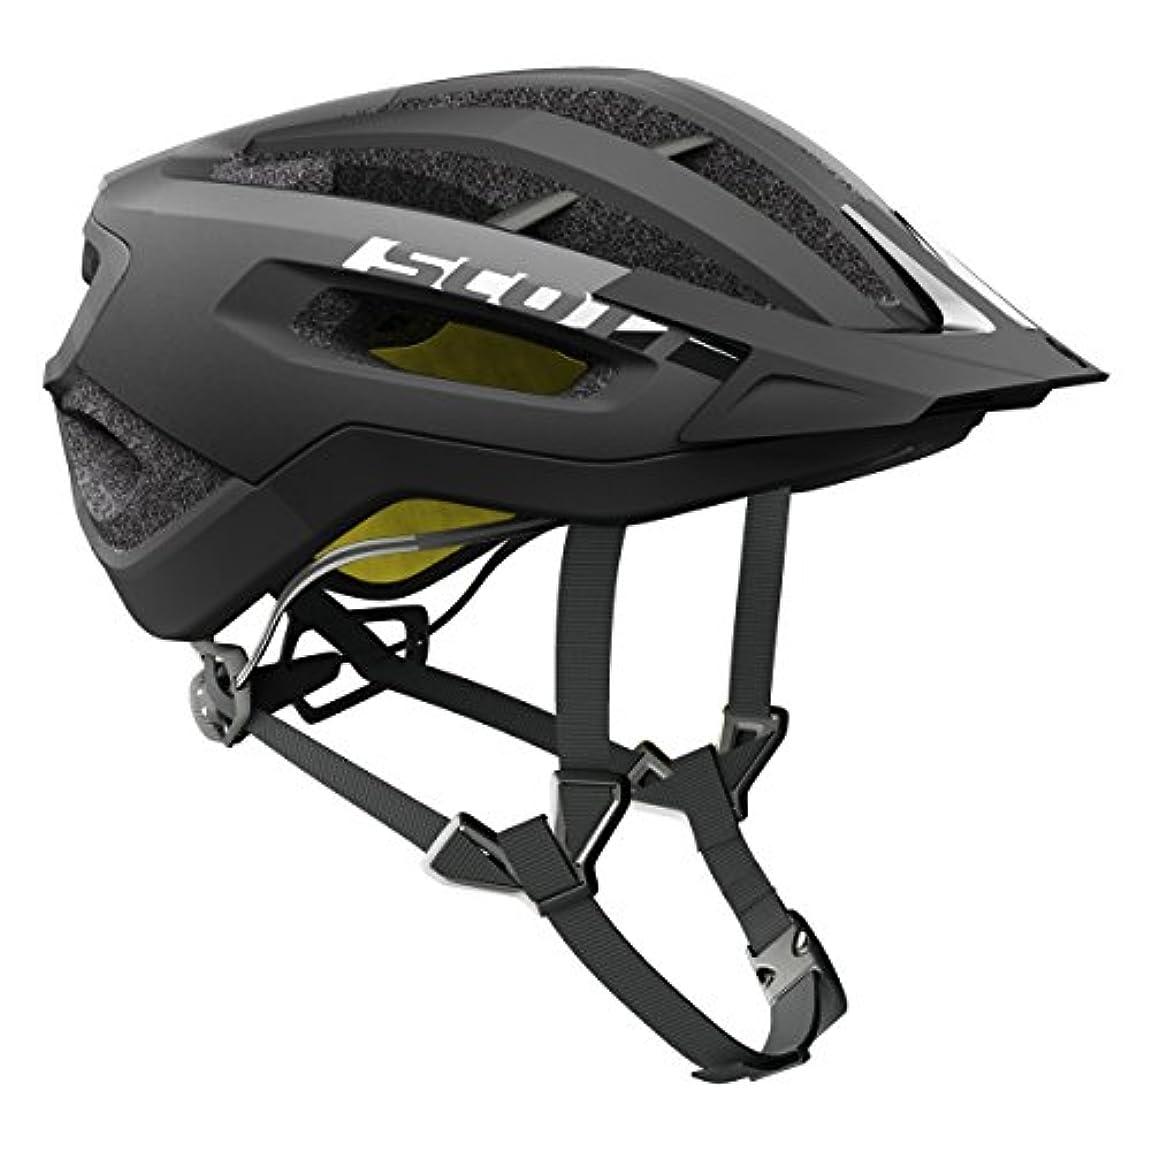 知り合いになるミサイル削減SCOTT(スコット) ヘルメット 自転車用ヘルメット Fuga PLUS ブラック